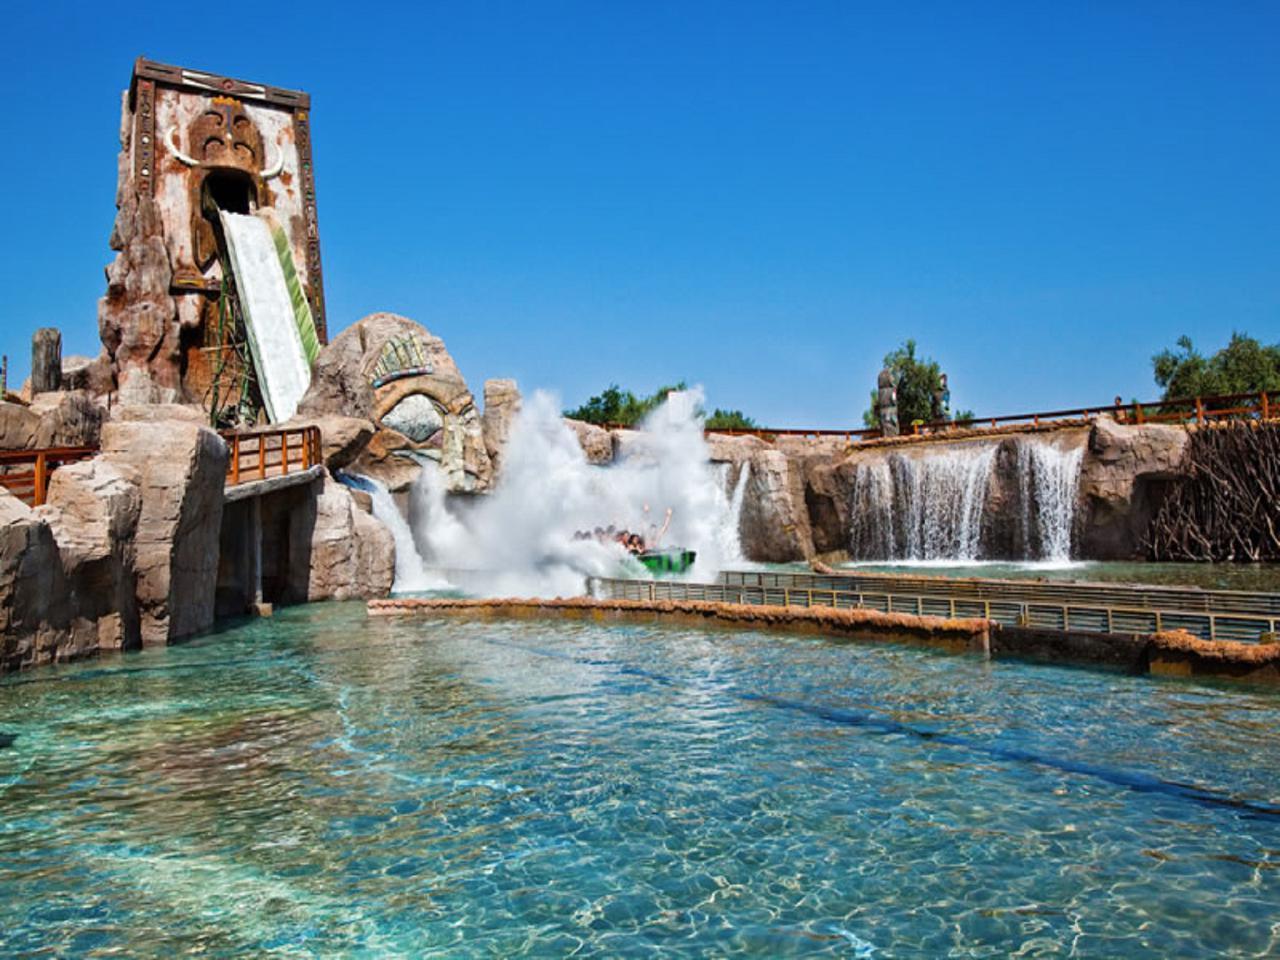 Appartement de vacances Etna Royal View -  Zwei-Zimmer-Wohnung mit Blick auf den Garten (2182582), Trecastagni, Catania, Sicile, Italie, image 33